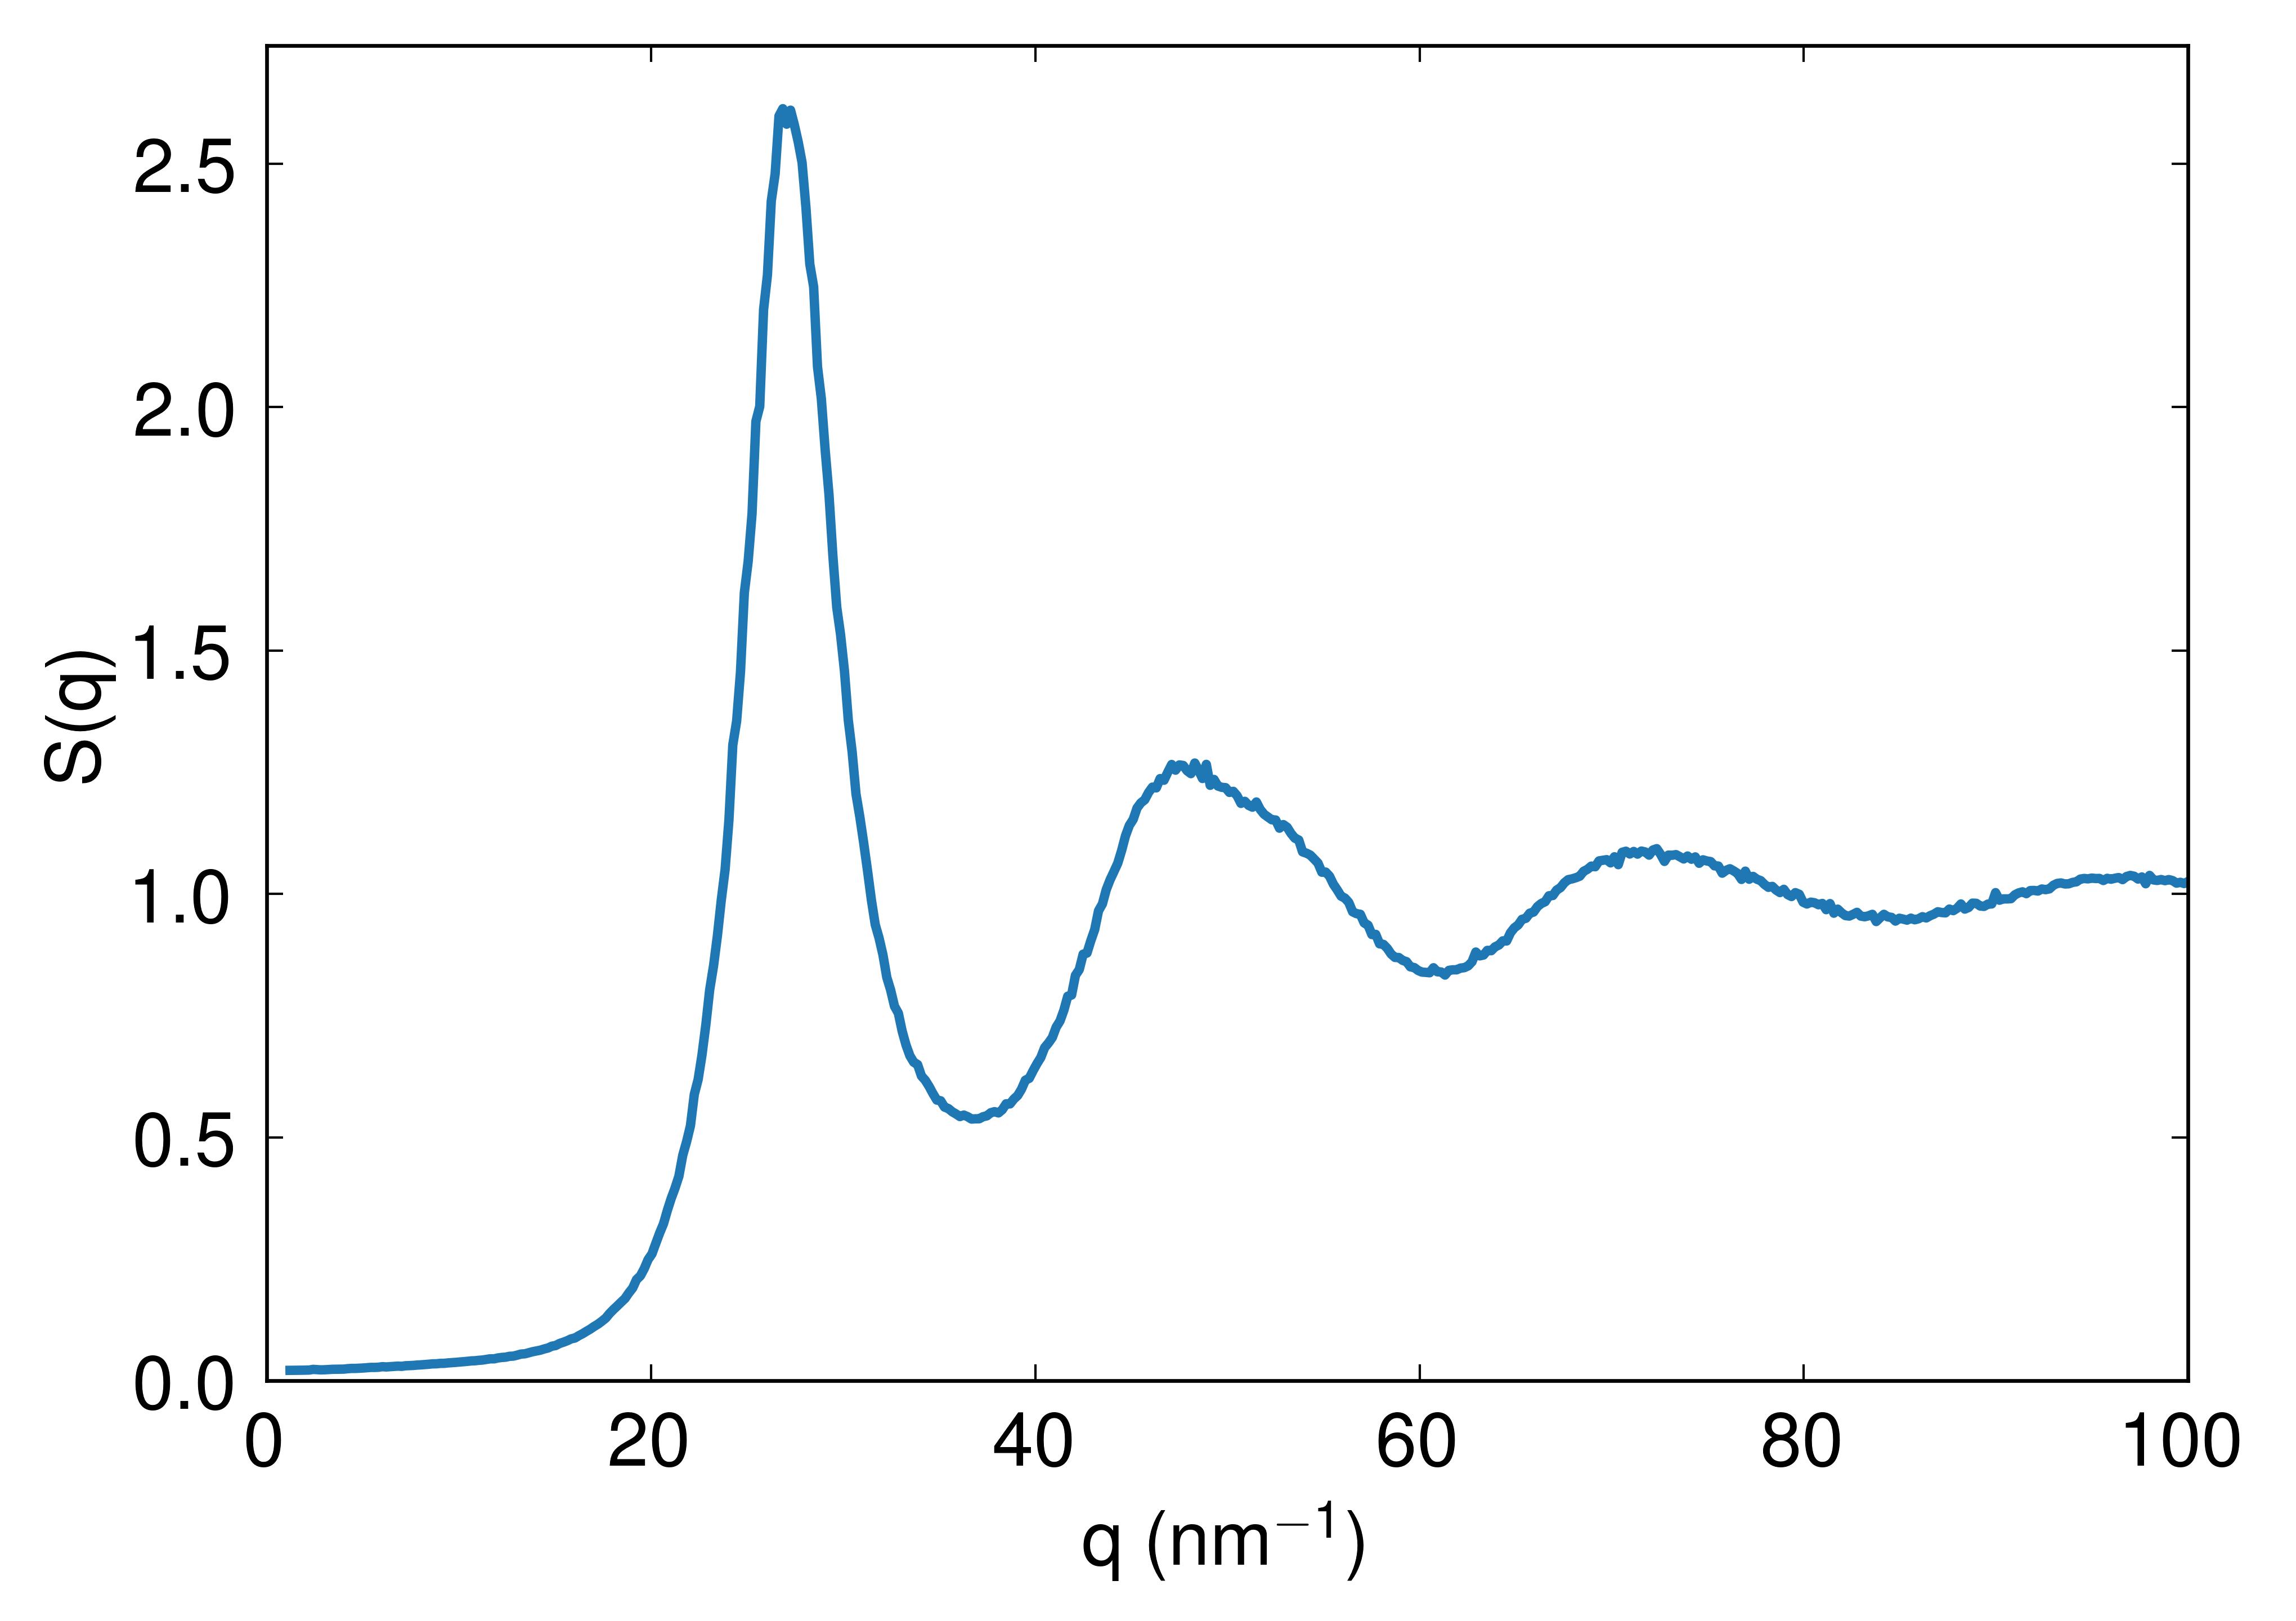 doc/examples/figs/Al_liquid/Al_liquid_Sq.png